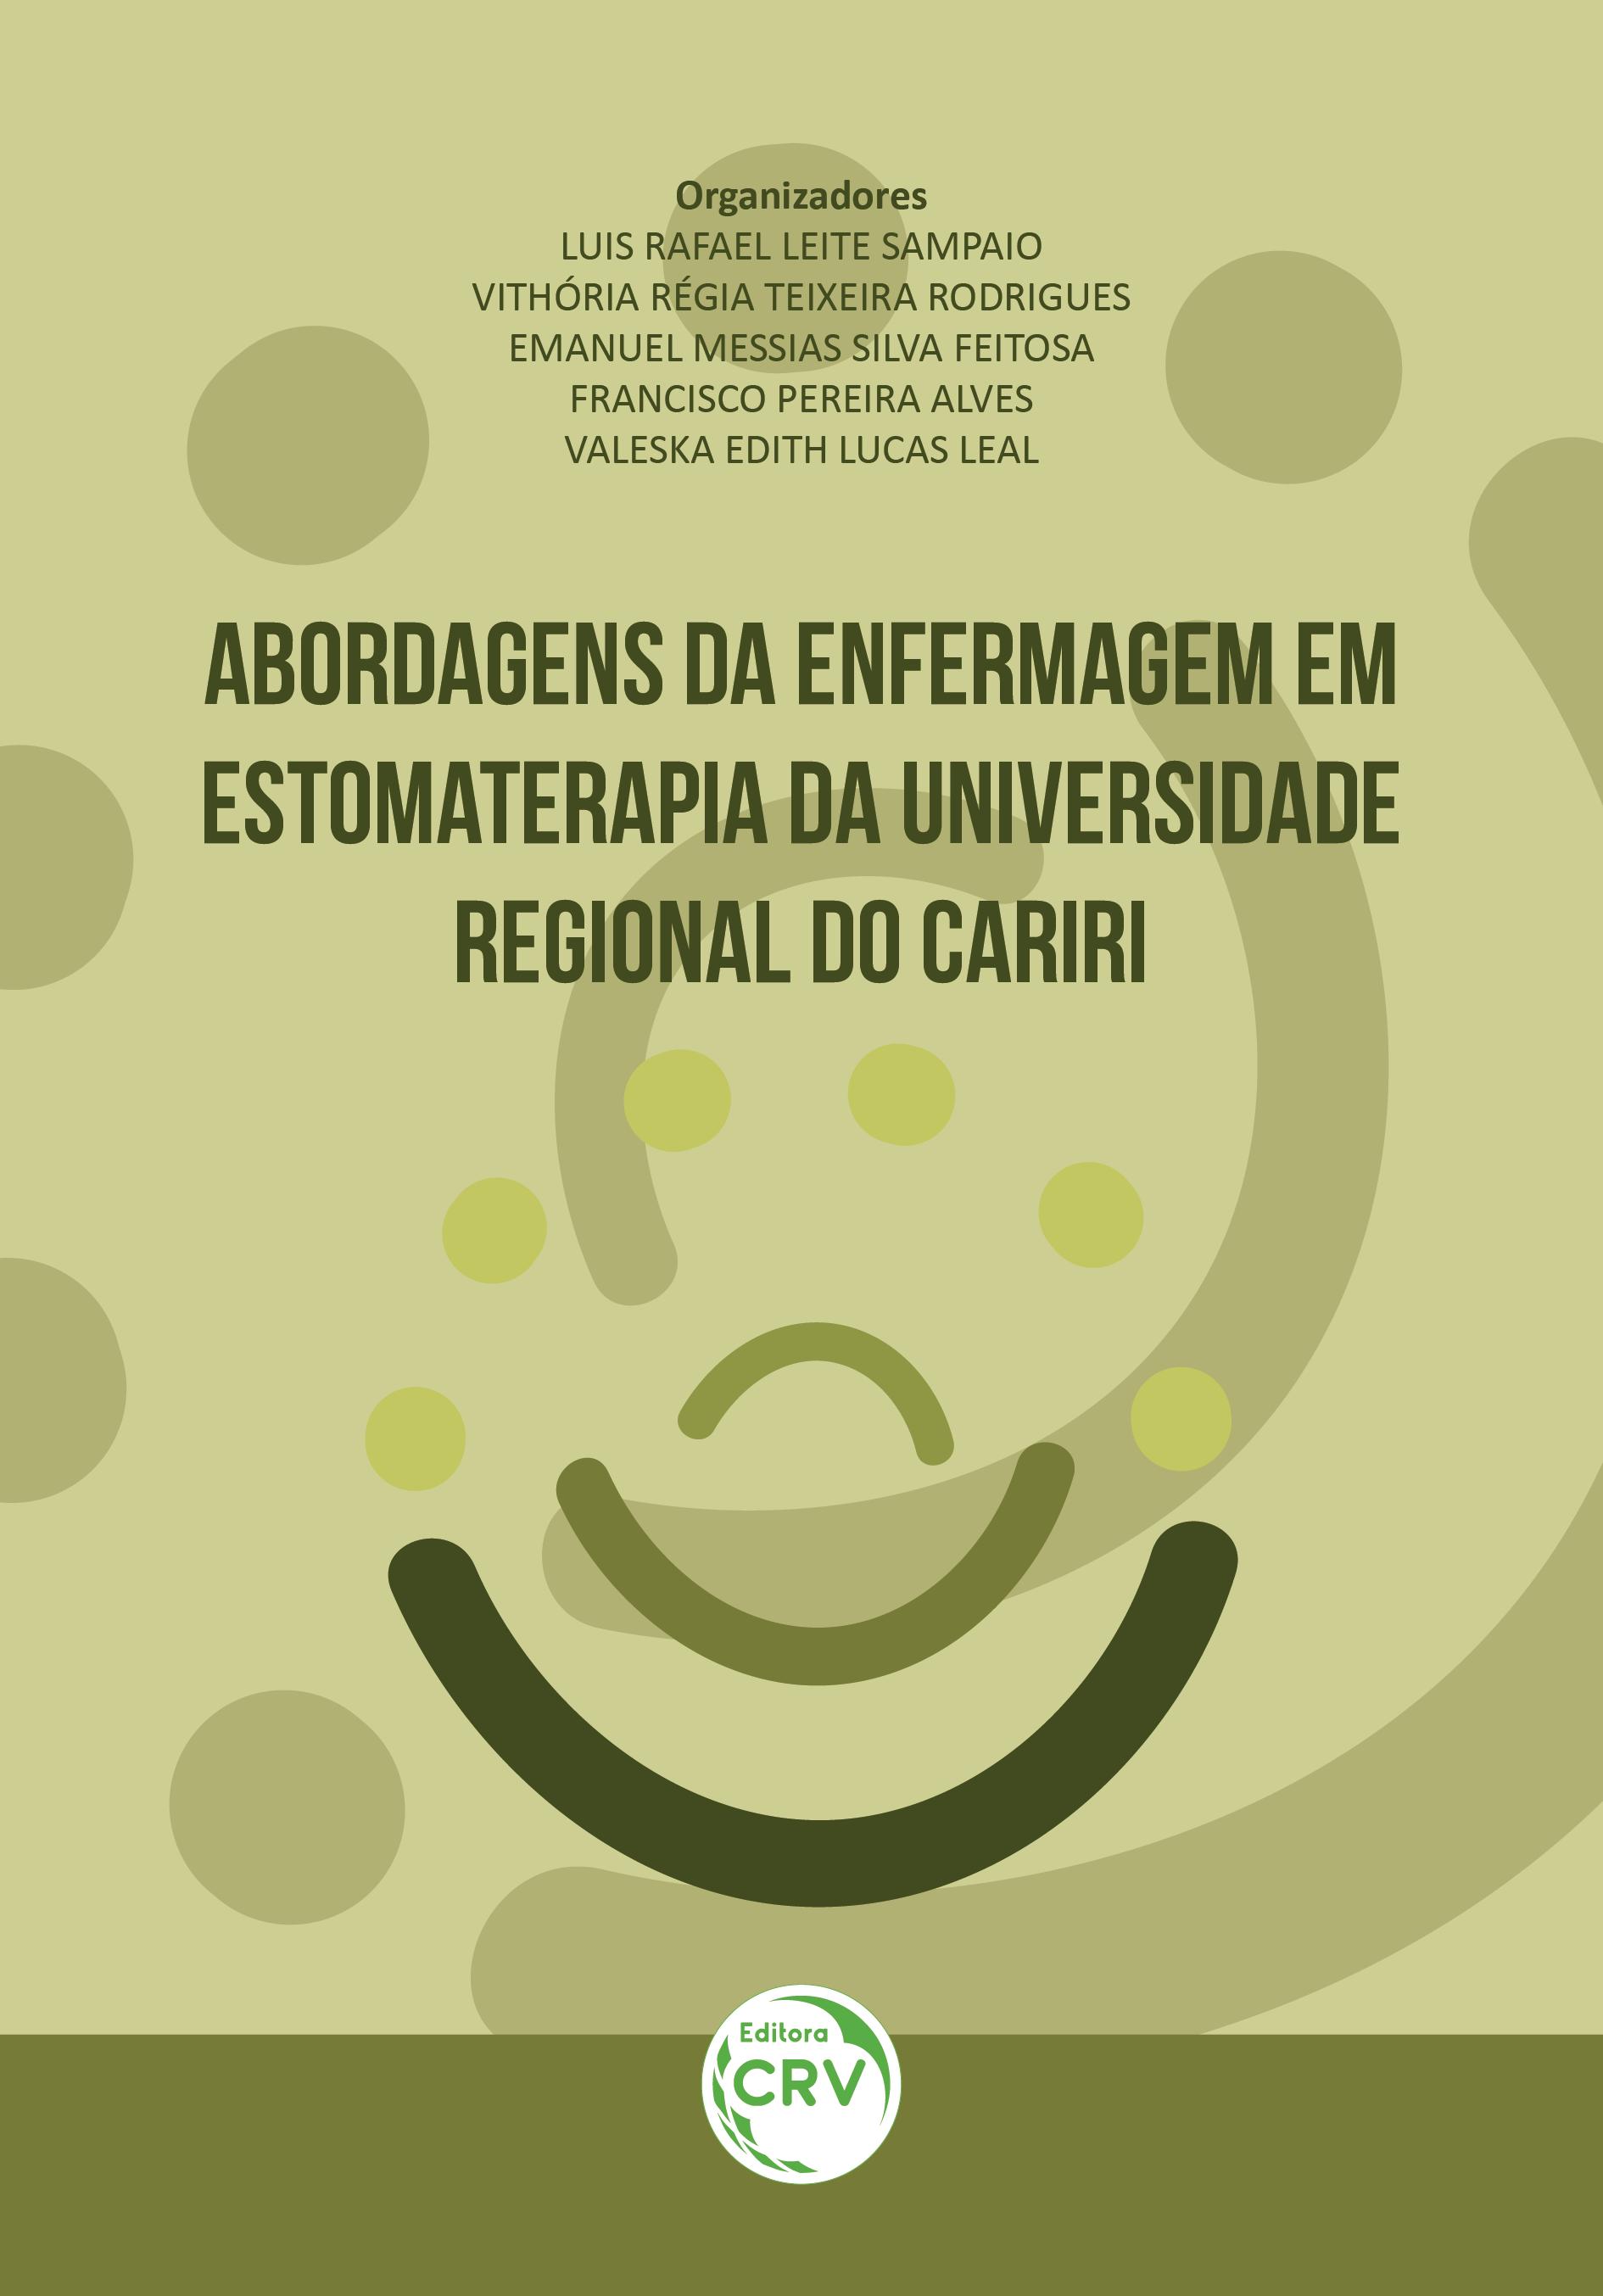 Capa do livro: ABORDAGENS DA ENFERMAGEM EM ESTOMATERAPIA DA UNIVERSIDADE REGIONAL DO CARIRI